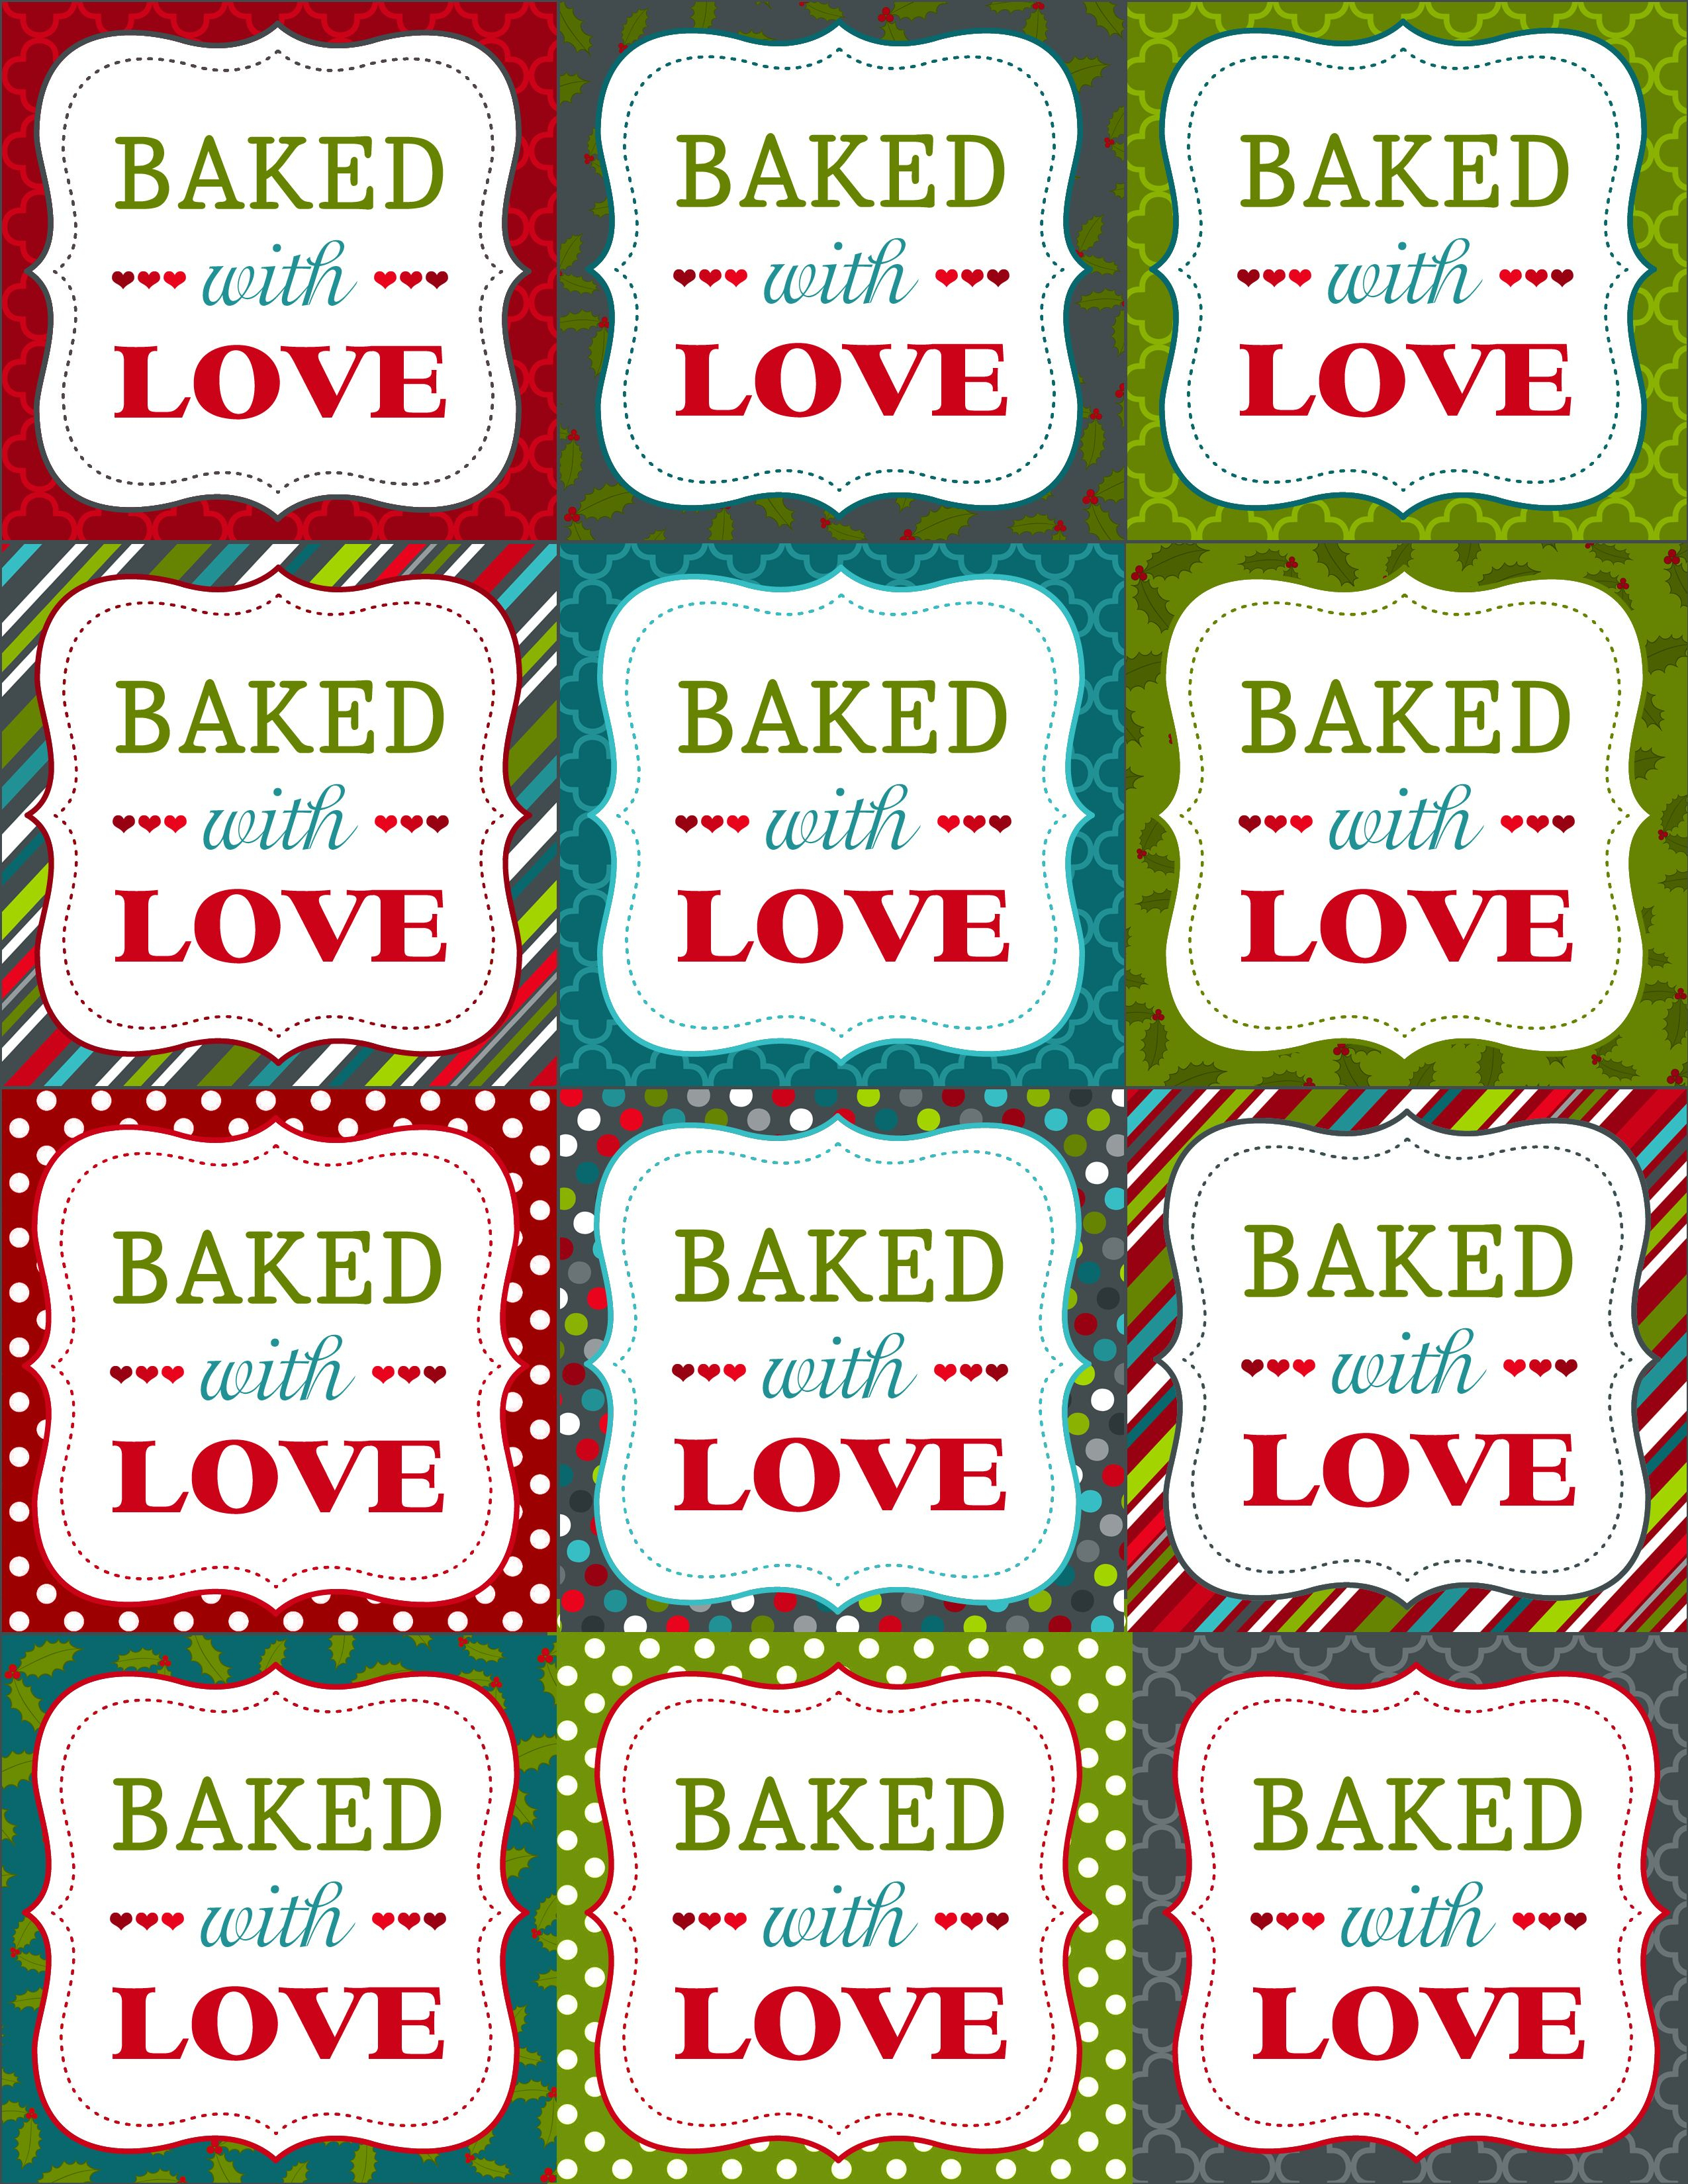 Baked With Love | Printable | Christmas Printables, Christmas Labels - Free Printable Baking Labels